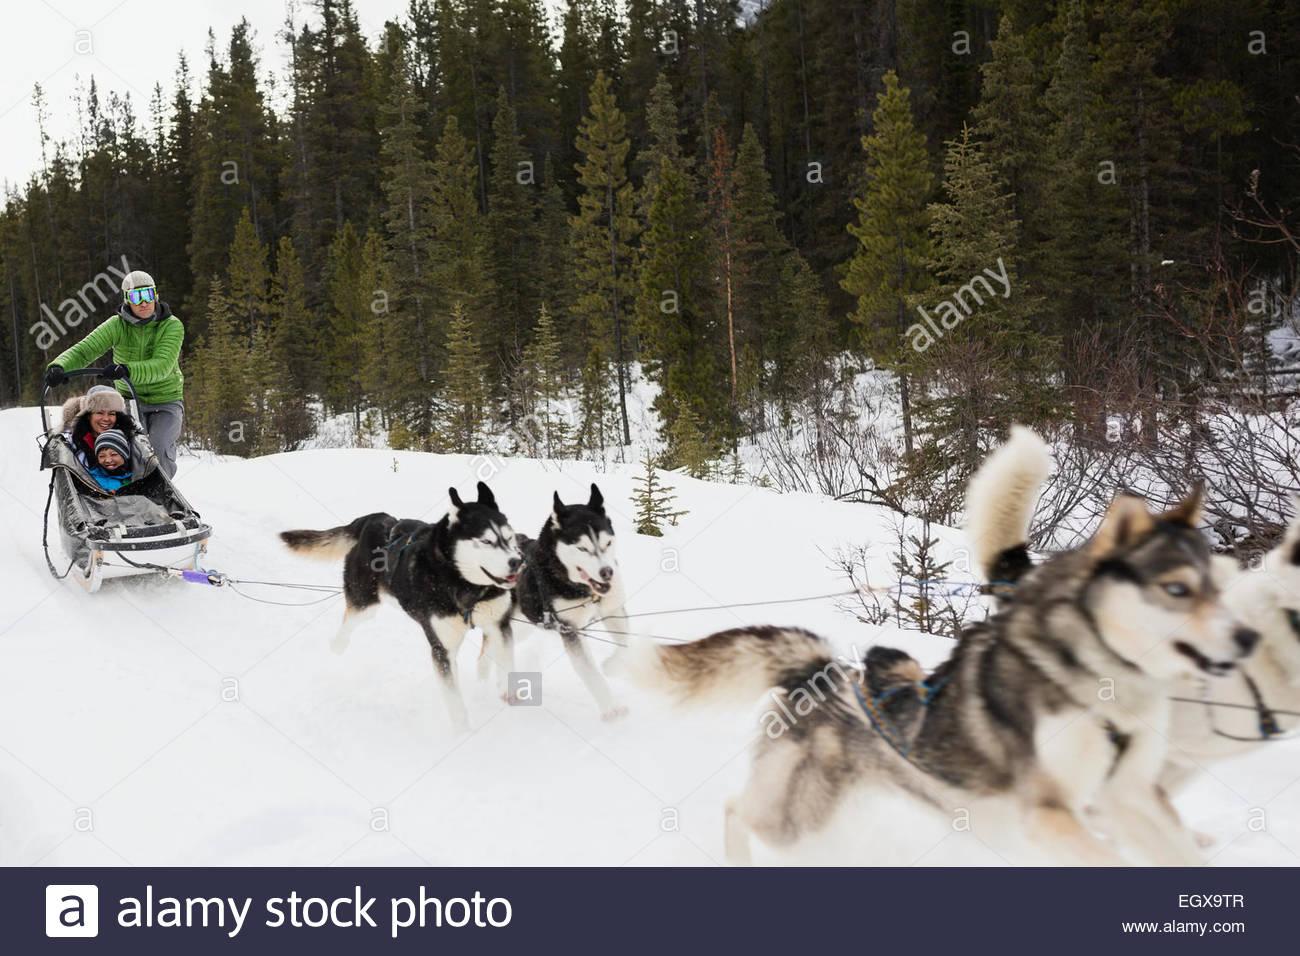 Family dogsledding in snow - Stock Image